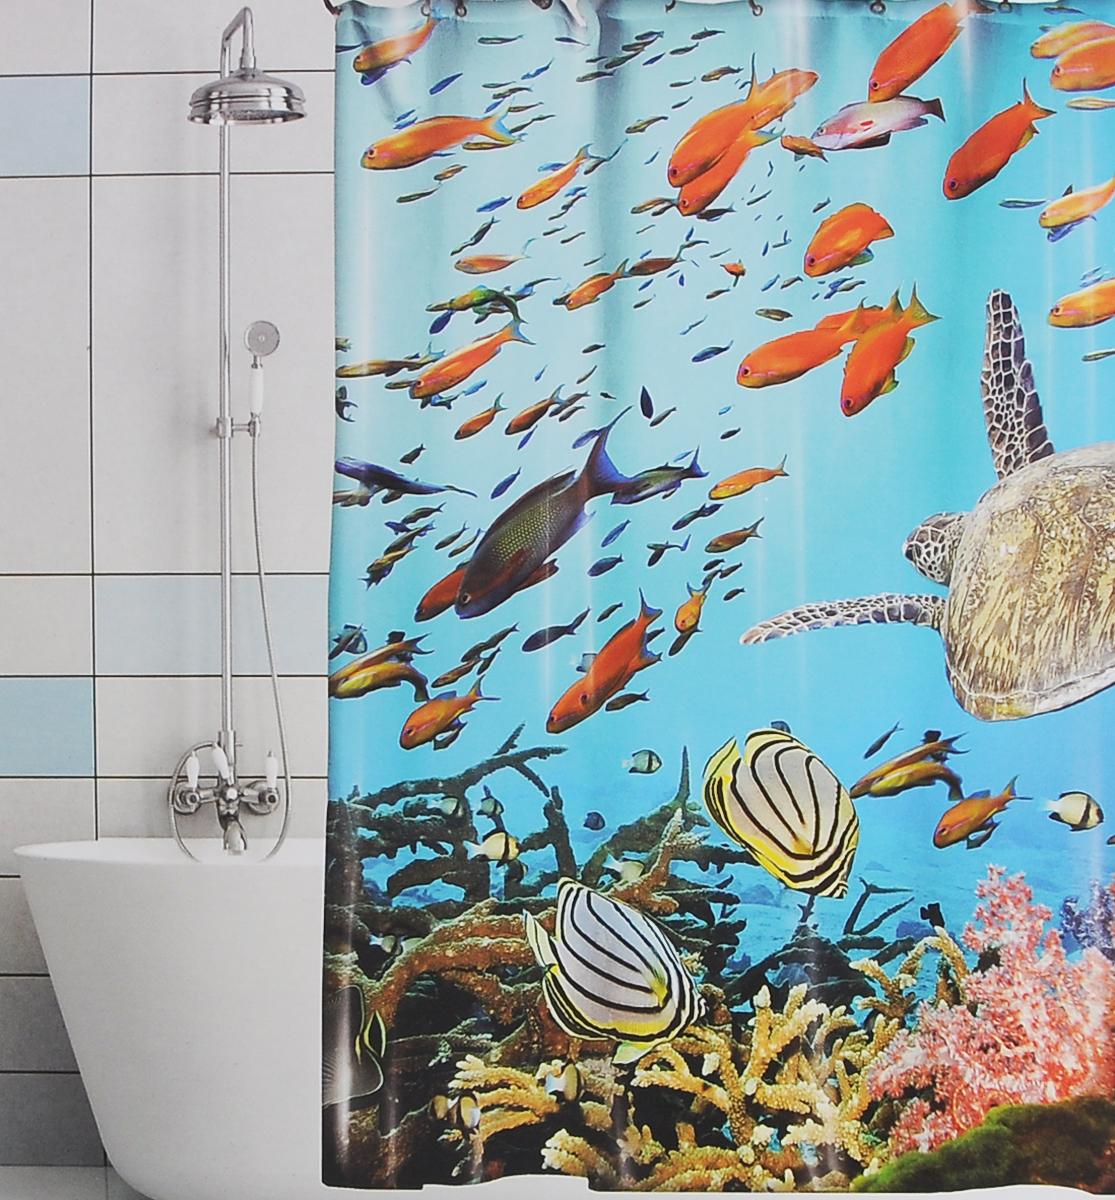 Штора для ванной Valiant Подводный мир, цвет: голубой, синий, 180 х 180 смRG-D31SШтора для ванной комнаты Valiant Подводный мир из 100% плотного полиэстера с водоотталкивающей поверхностью идеально защищает ванную комнату от брызг.В верхней кромке шторы предусмотрены отверстия для пластиковых колец (входят в комплект), а в нижней кромке шторы скрыт гибкий шнур, который поддерживает ее в естественной расправленной форме.Штору можно легко почистить мягкой губкой с мылом или постирать ее с мягким моющим средством в деликатном режиме. Количество колец: 12 шт.